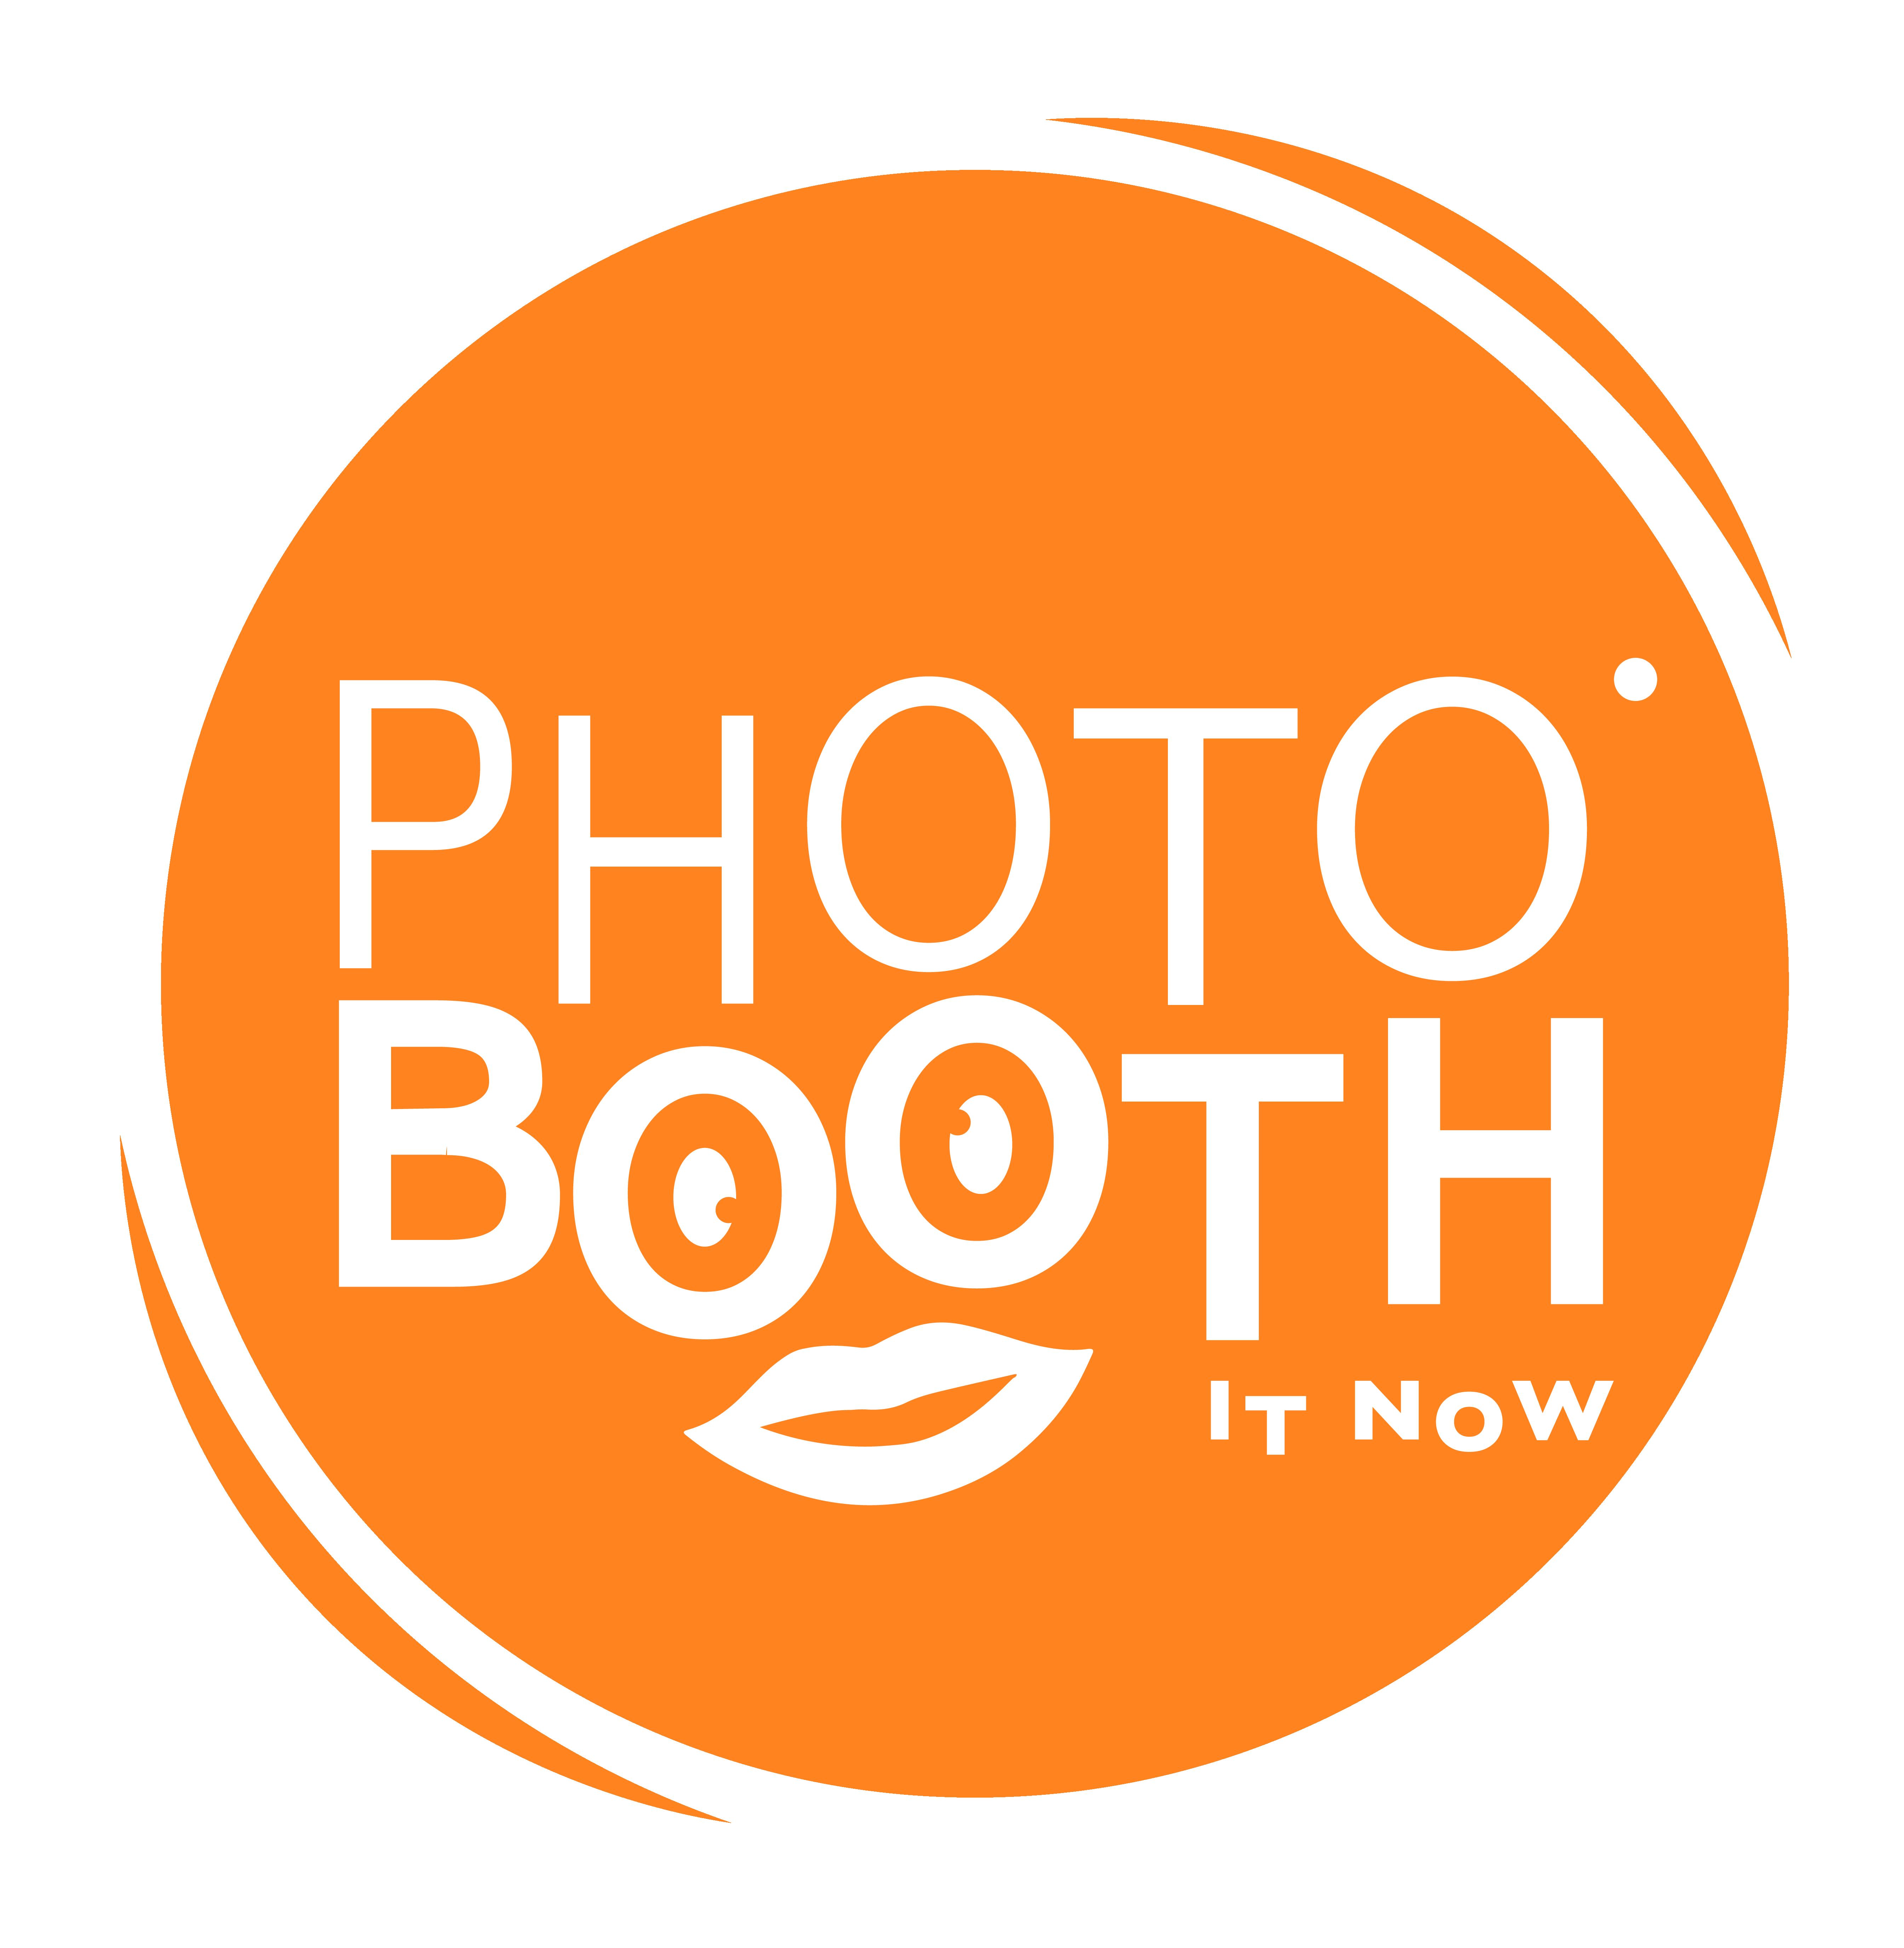 Photobooth It Now